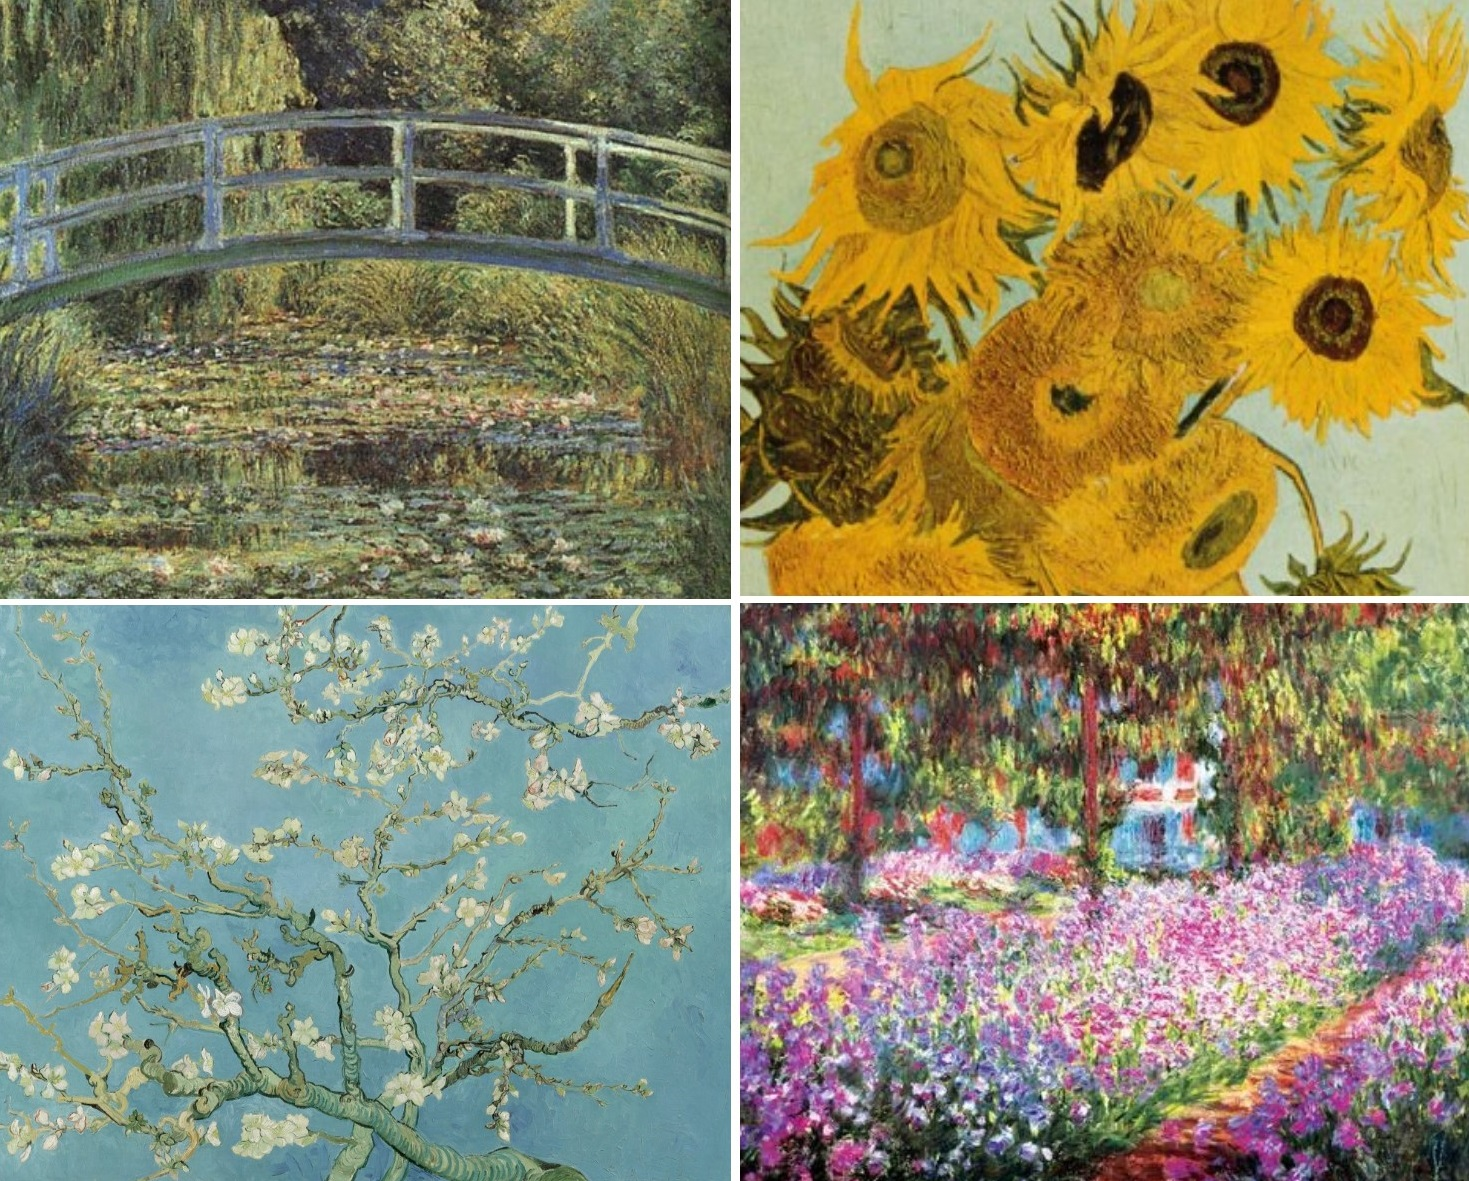 Fiori ed Arte: come il mondo floreale ha ispirato il talento creativo